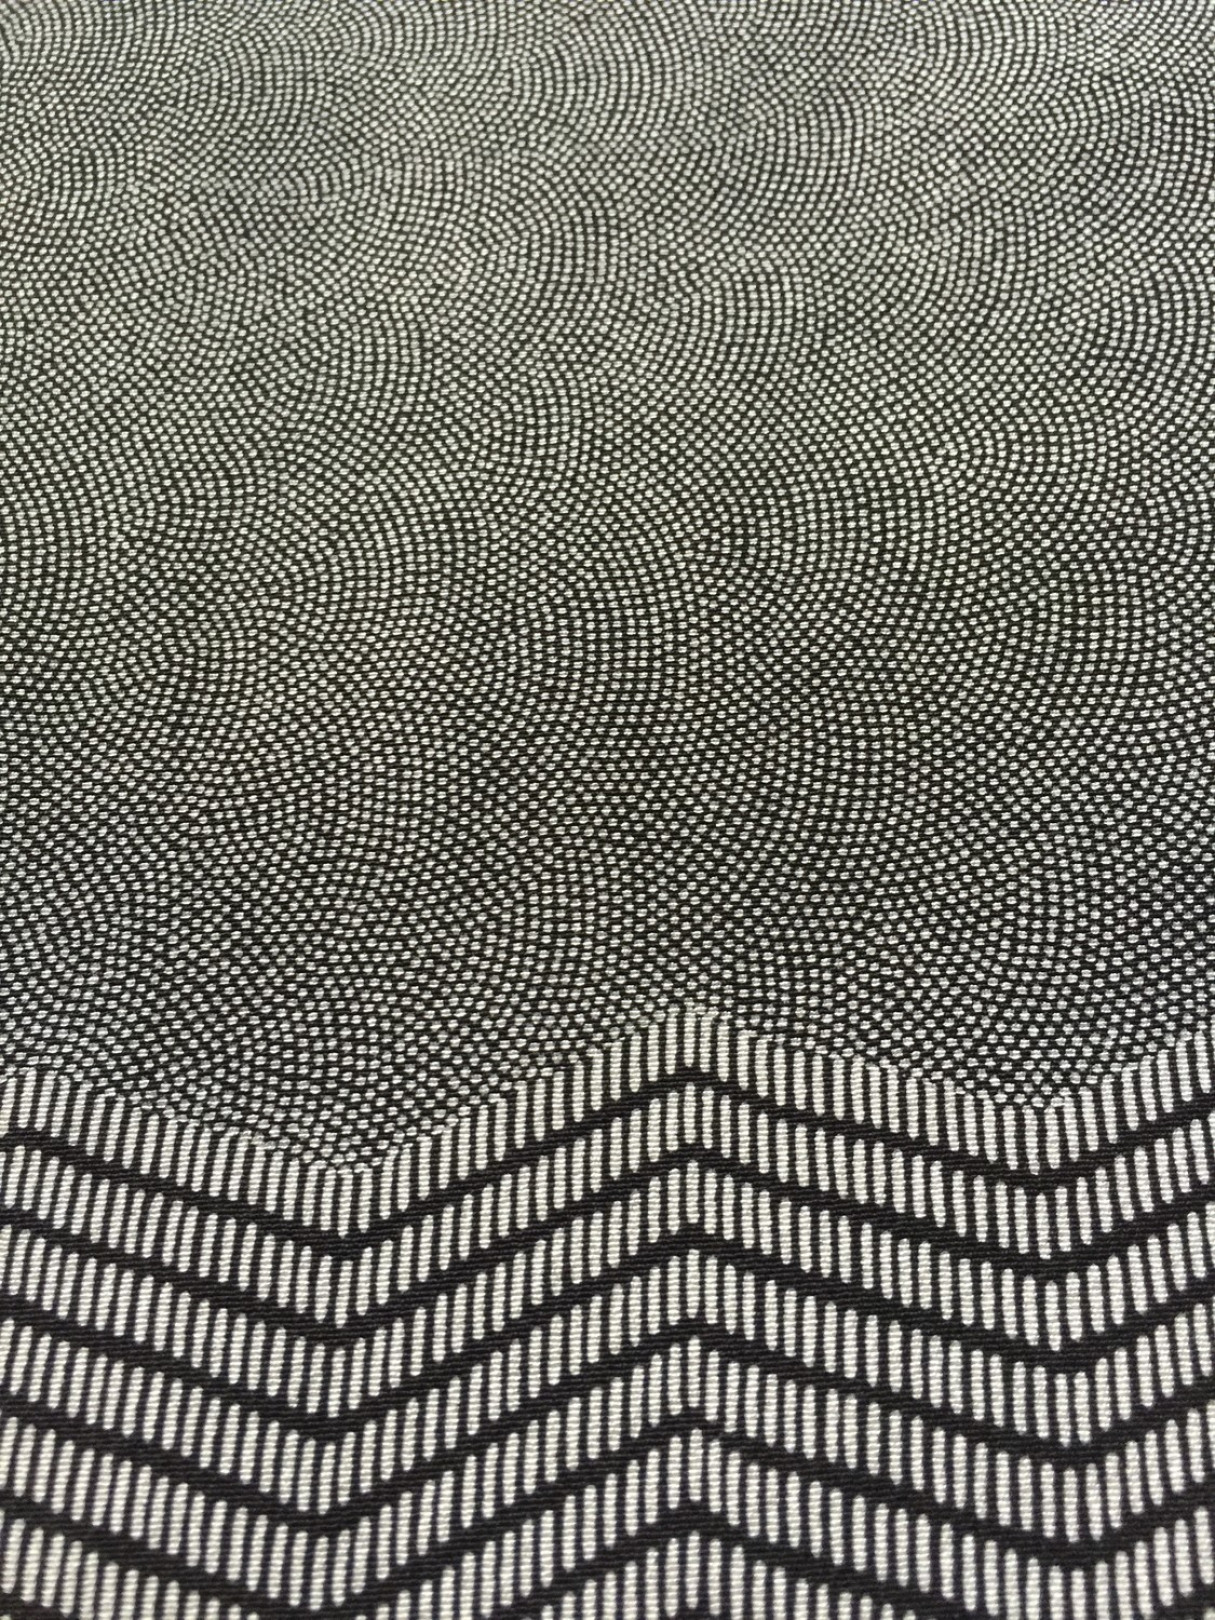 「亜空間として形成する伊勢型紙 江戸小紋の世界」、EYE OF GYREで開催